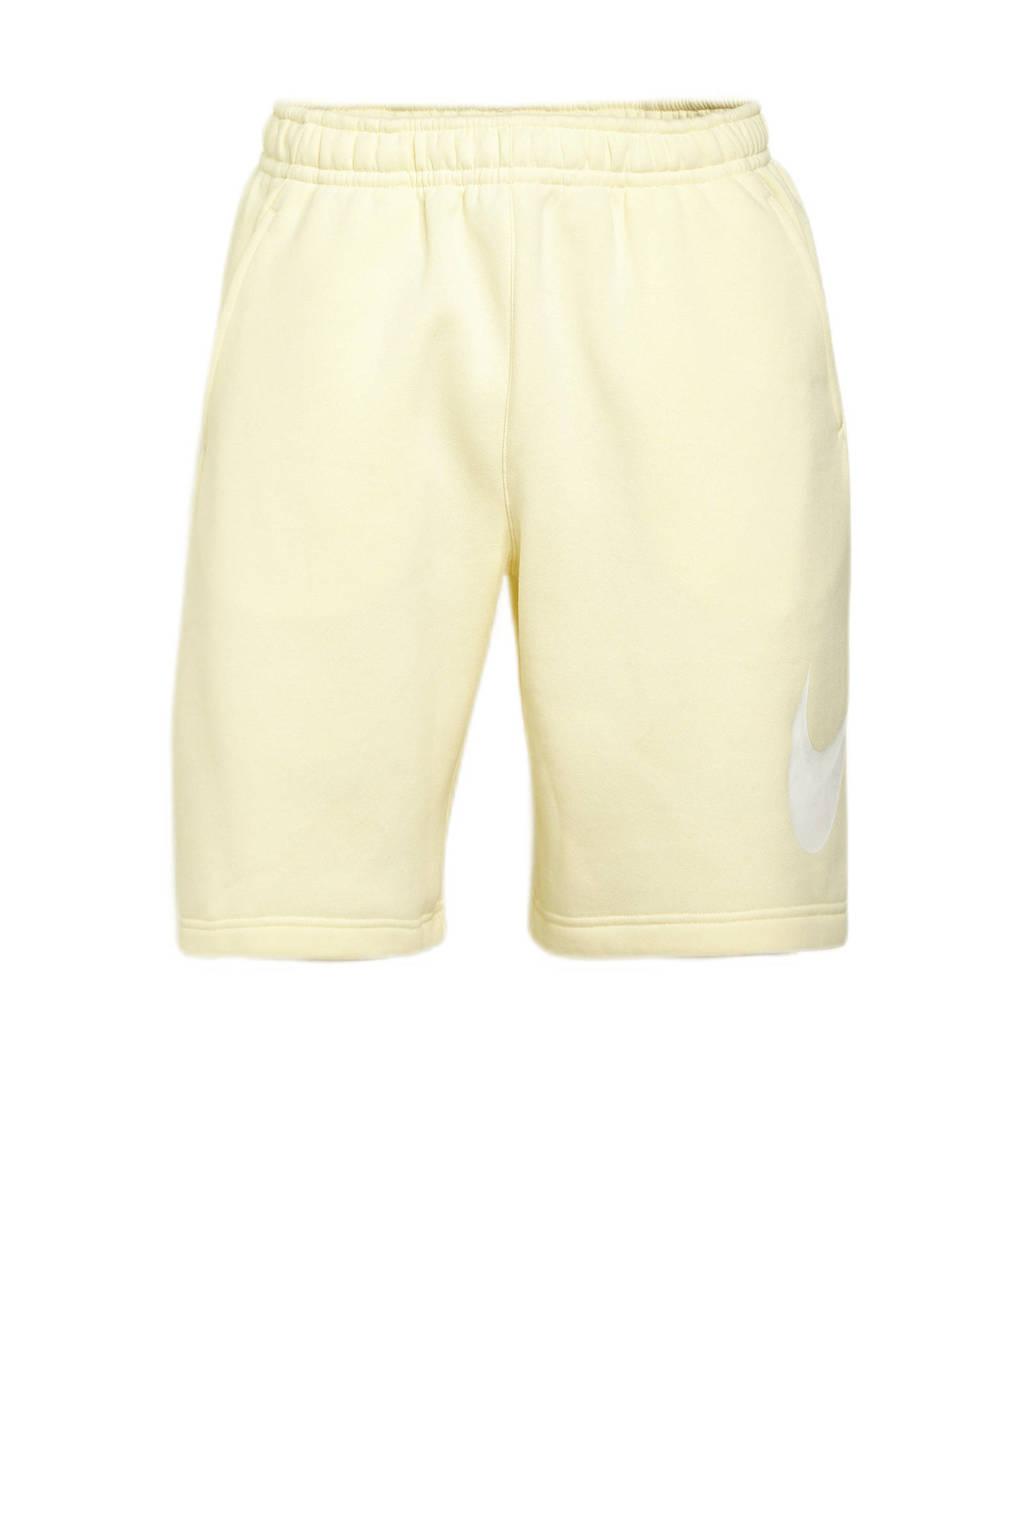 Nike short lichtgeel/wit, Lichtgeel